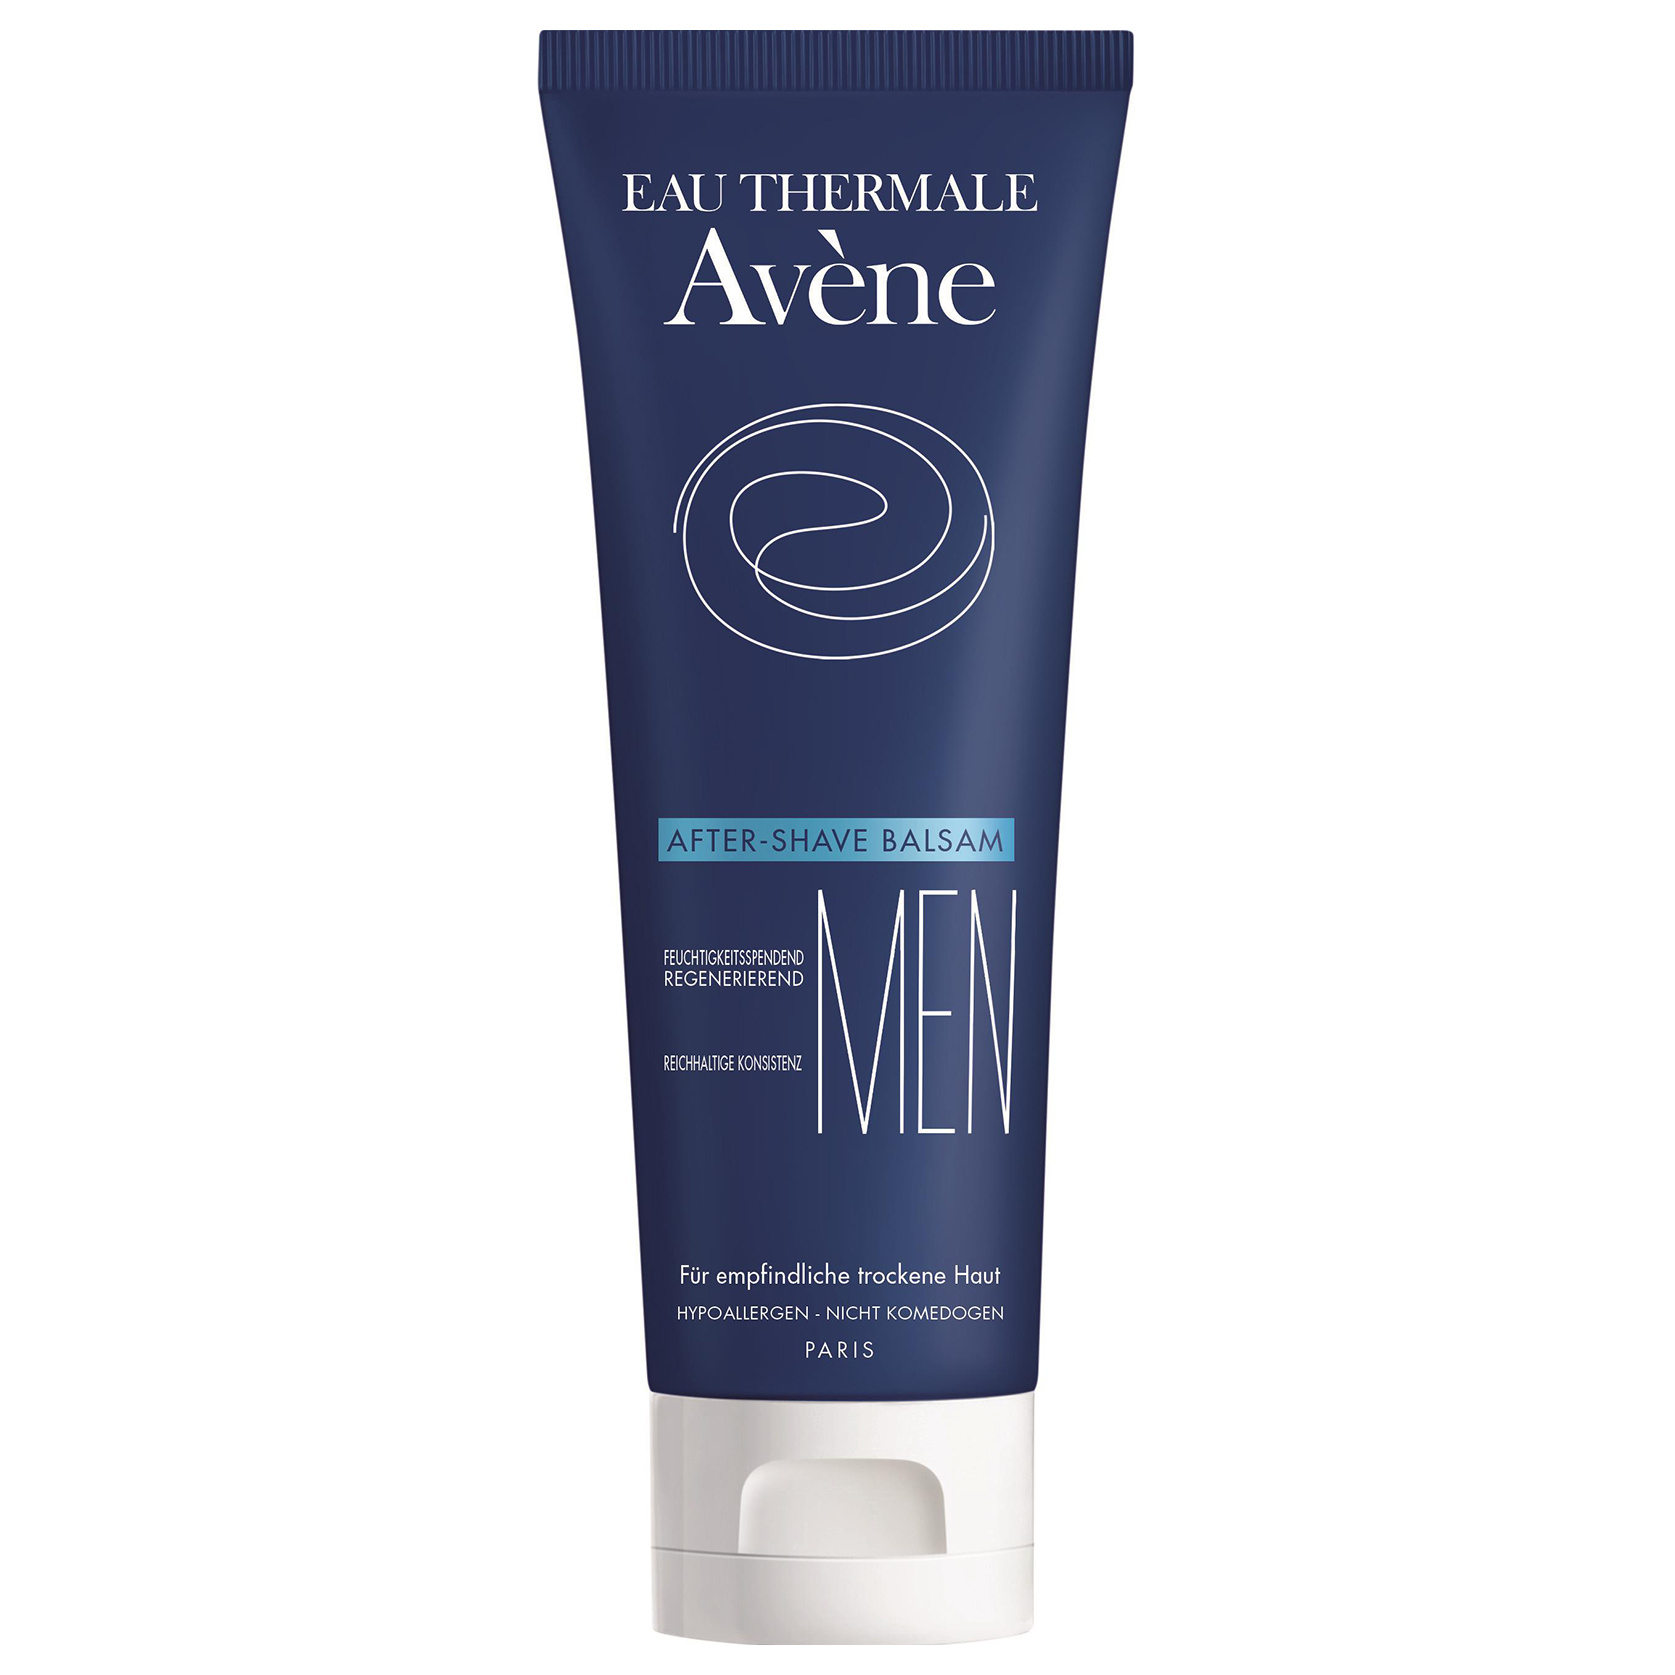 Купить Бальзам после бритья Avene For men для чувствительной кожи 75 мл, Для чувствительной кожи